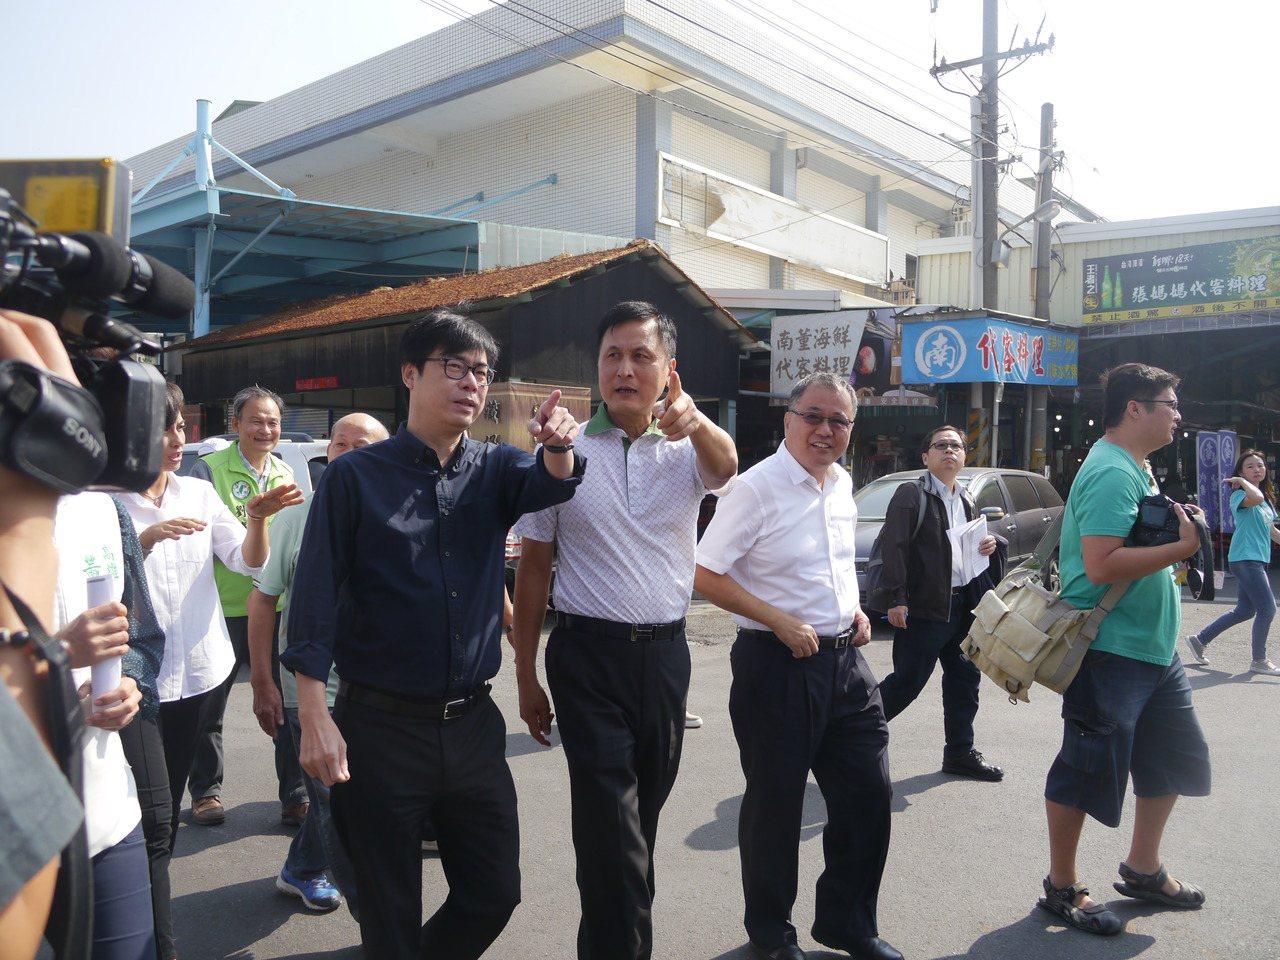 行政院副院長陳其邁(左一)在梓官漁會總幹事張漢雄(中)陪同下參觀魚市場。記者徐白...